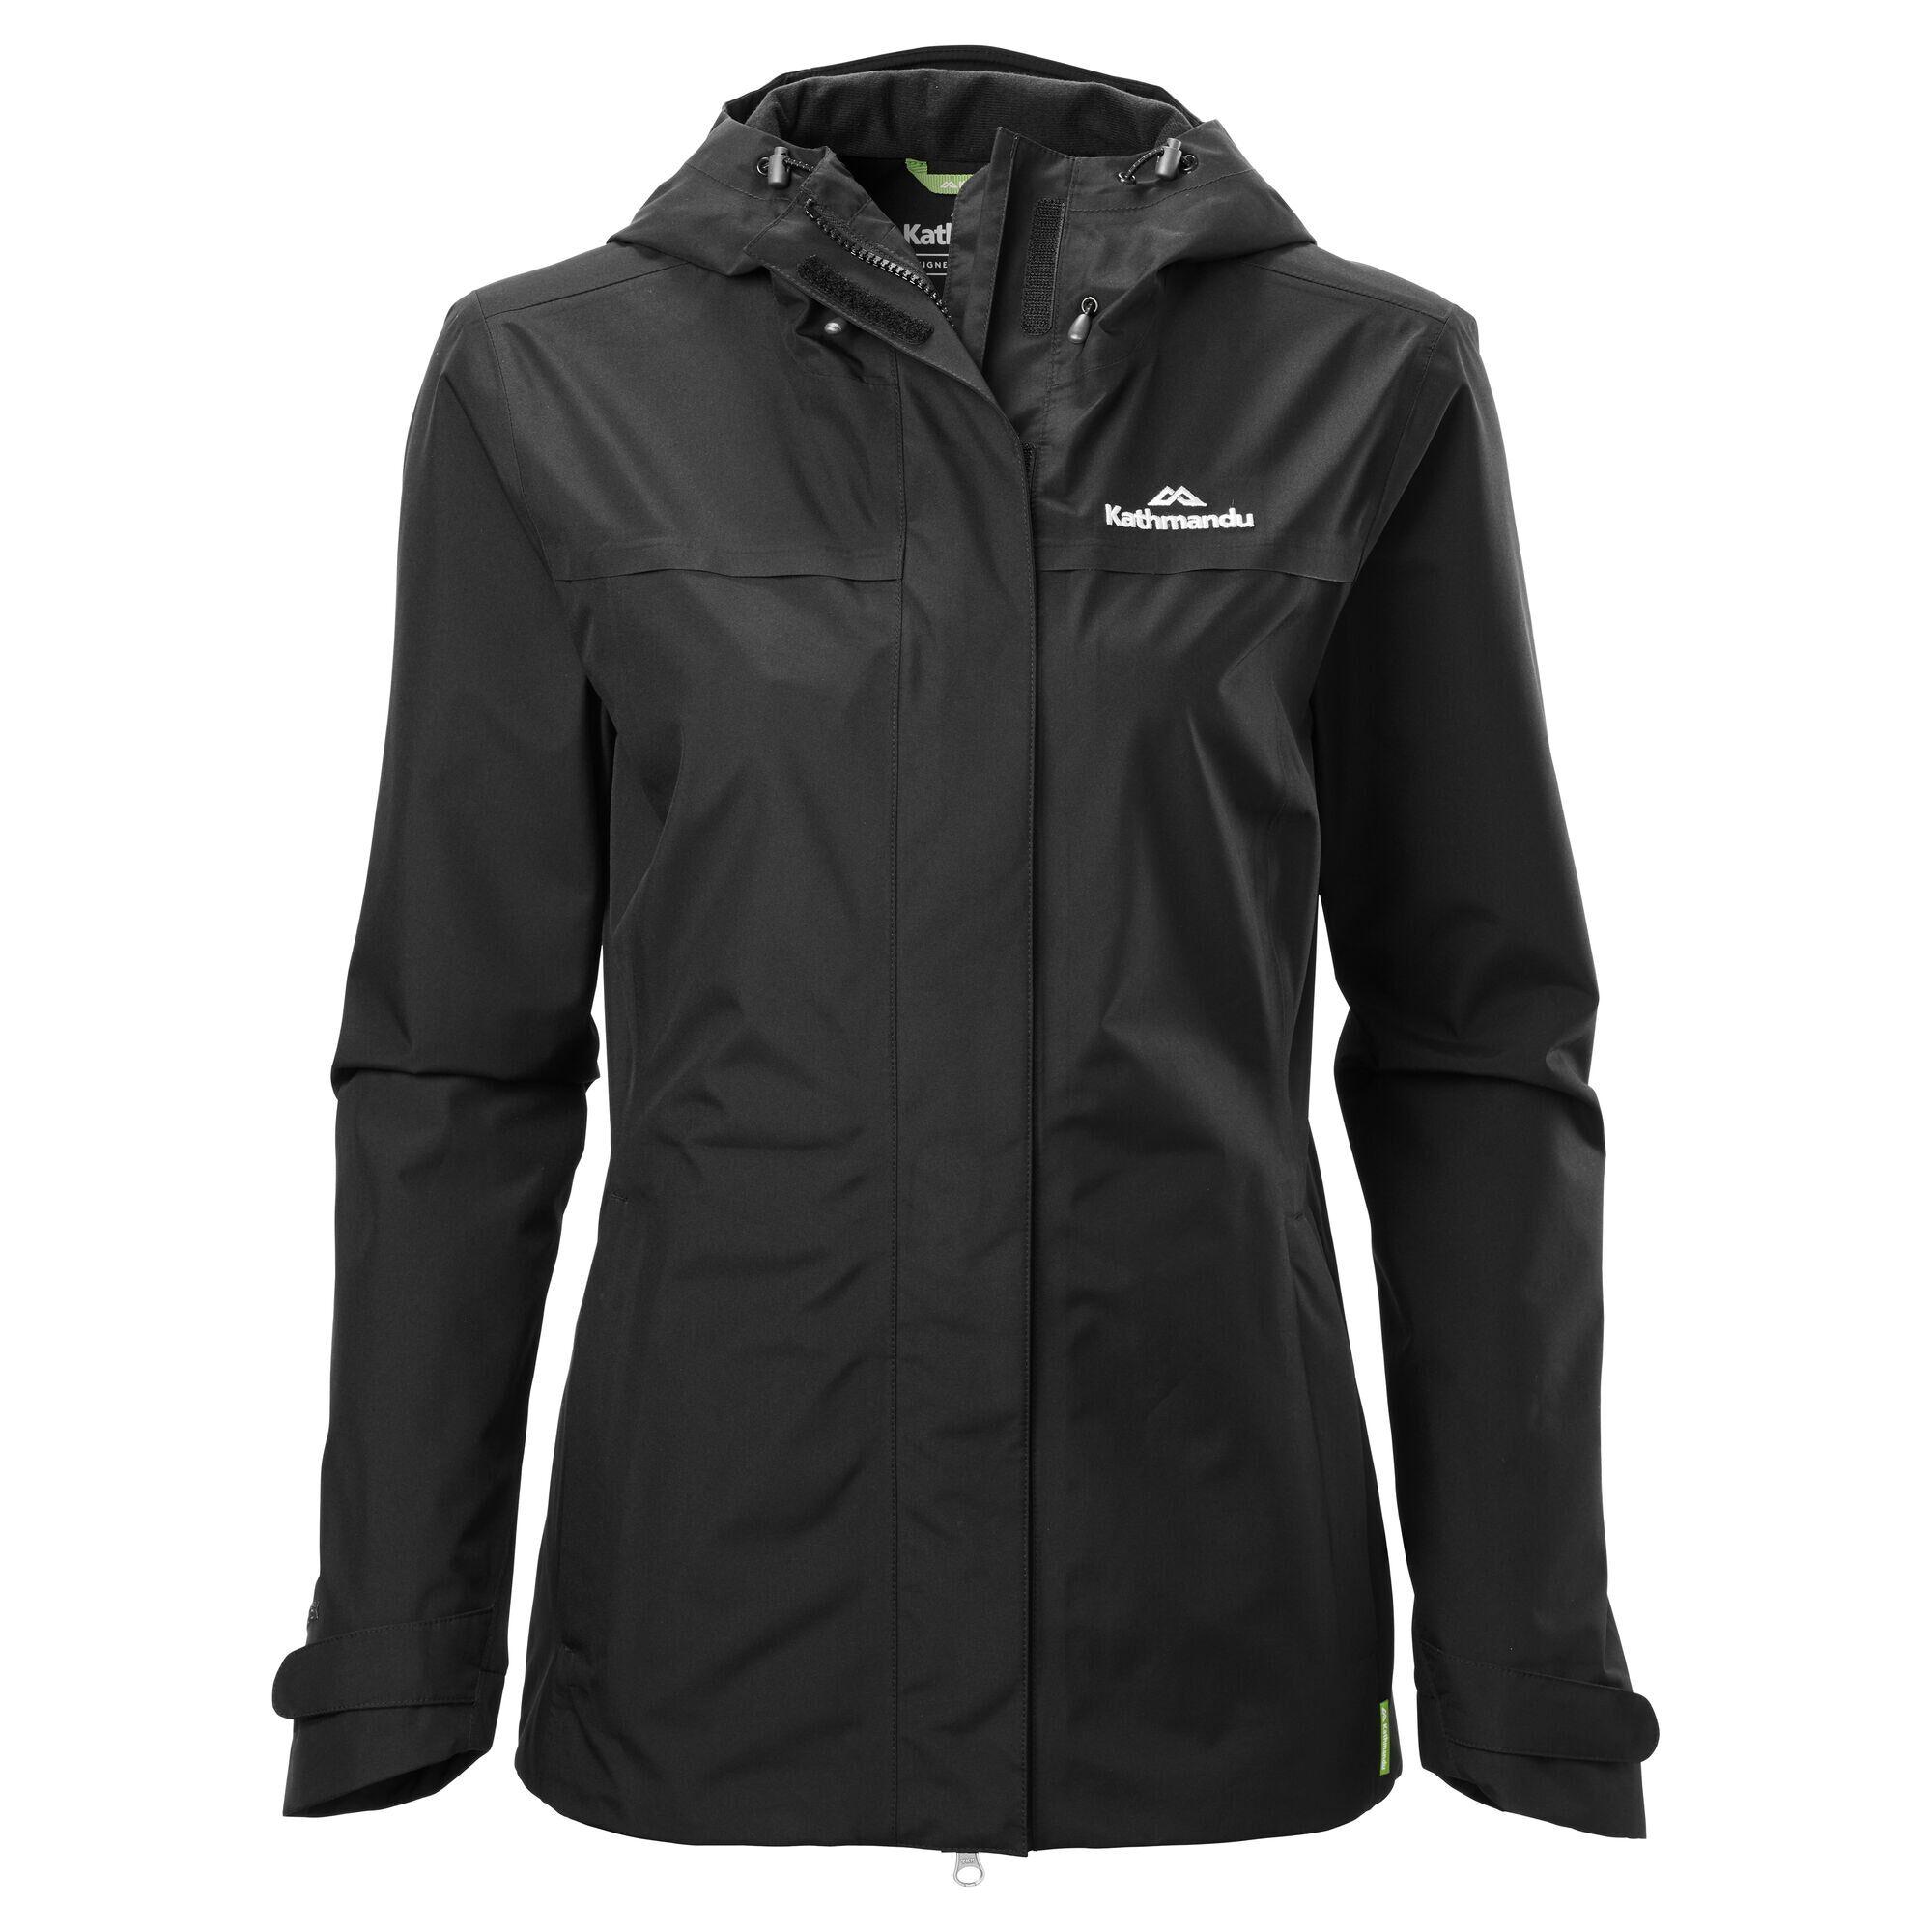 Kathmandu Bealey Women's GORE-TEX Jacket  - Black - Size: US 6